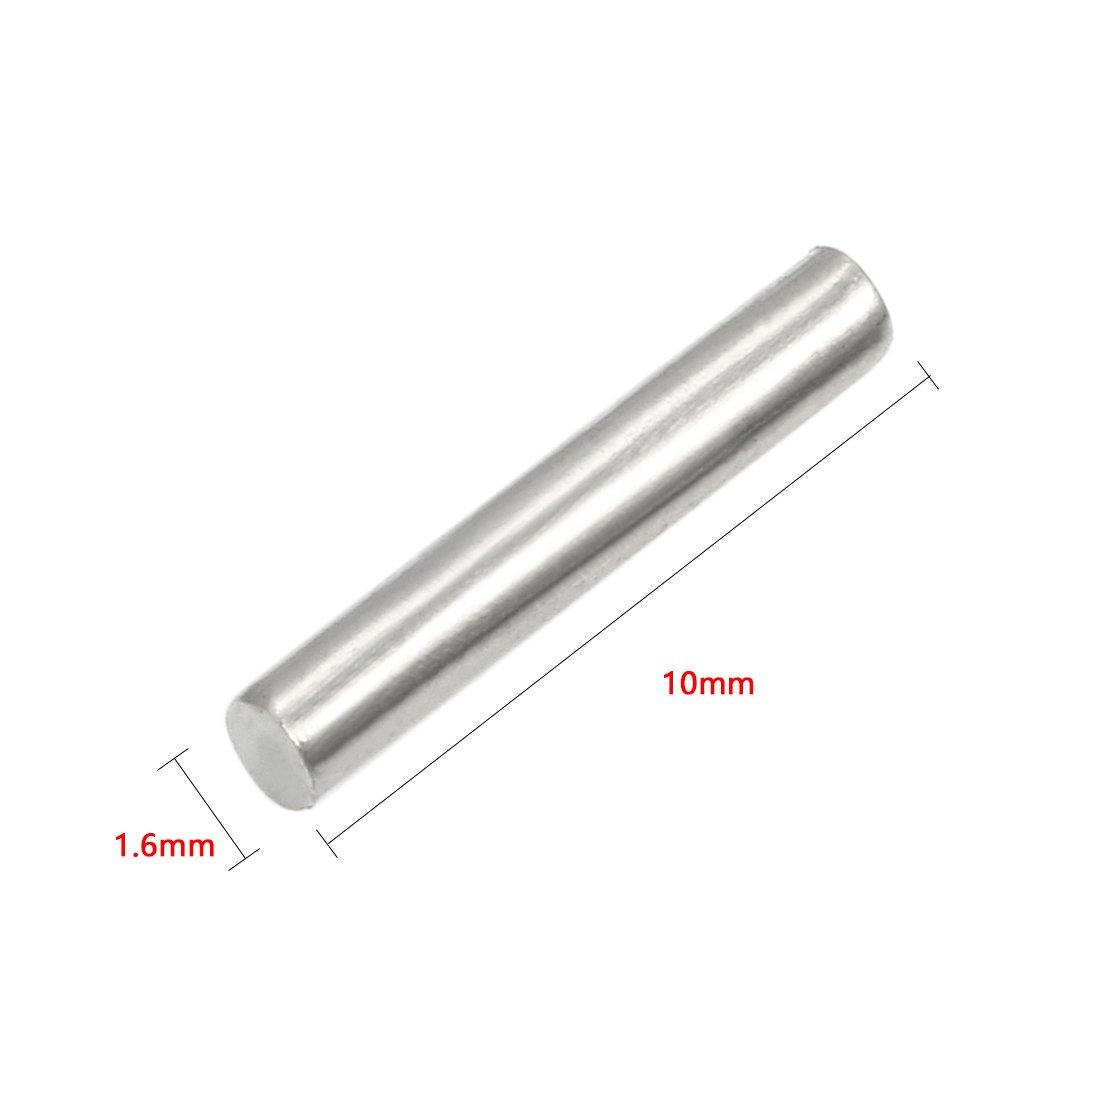 Amazon.com: uxcell 1,6 mm. de diámetro de longitud de acero ...